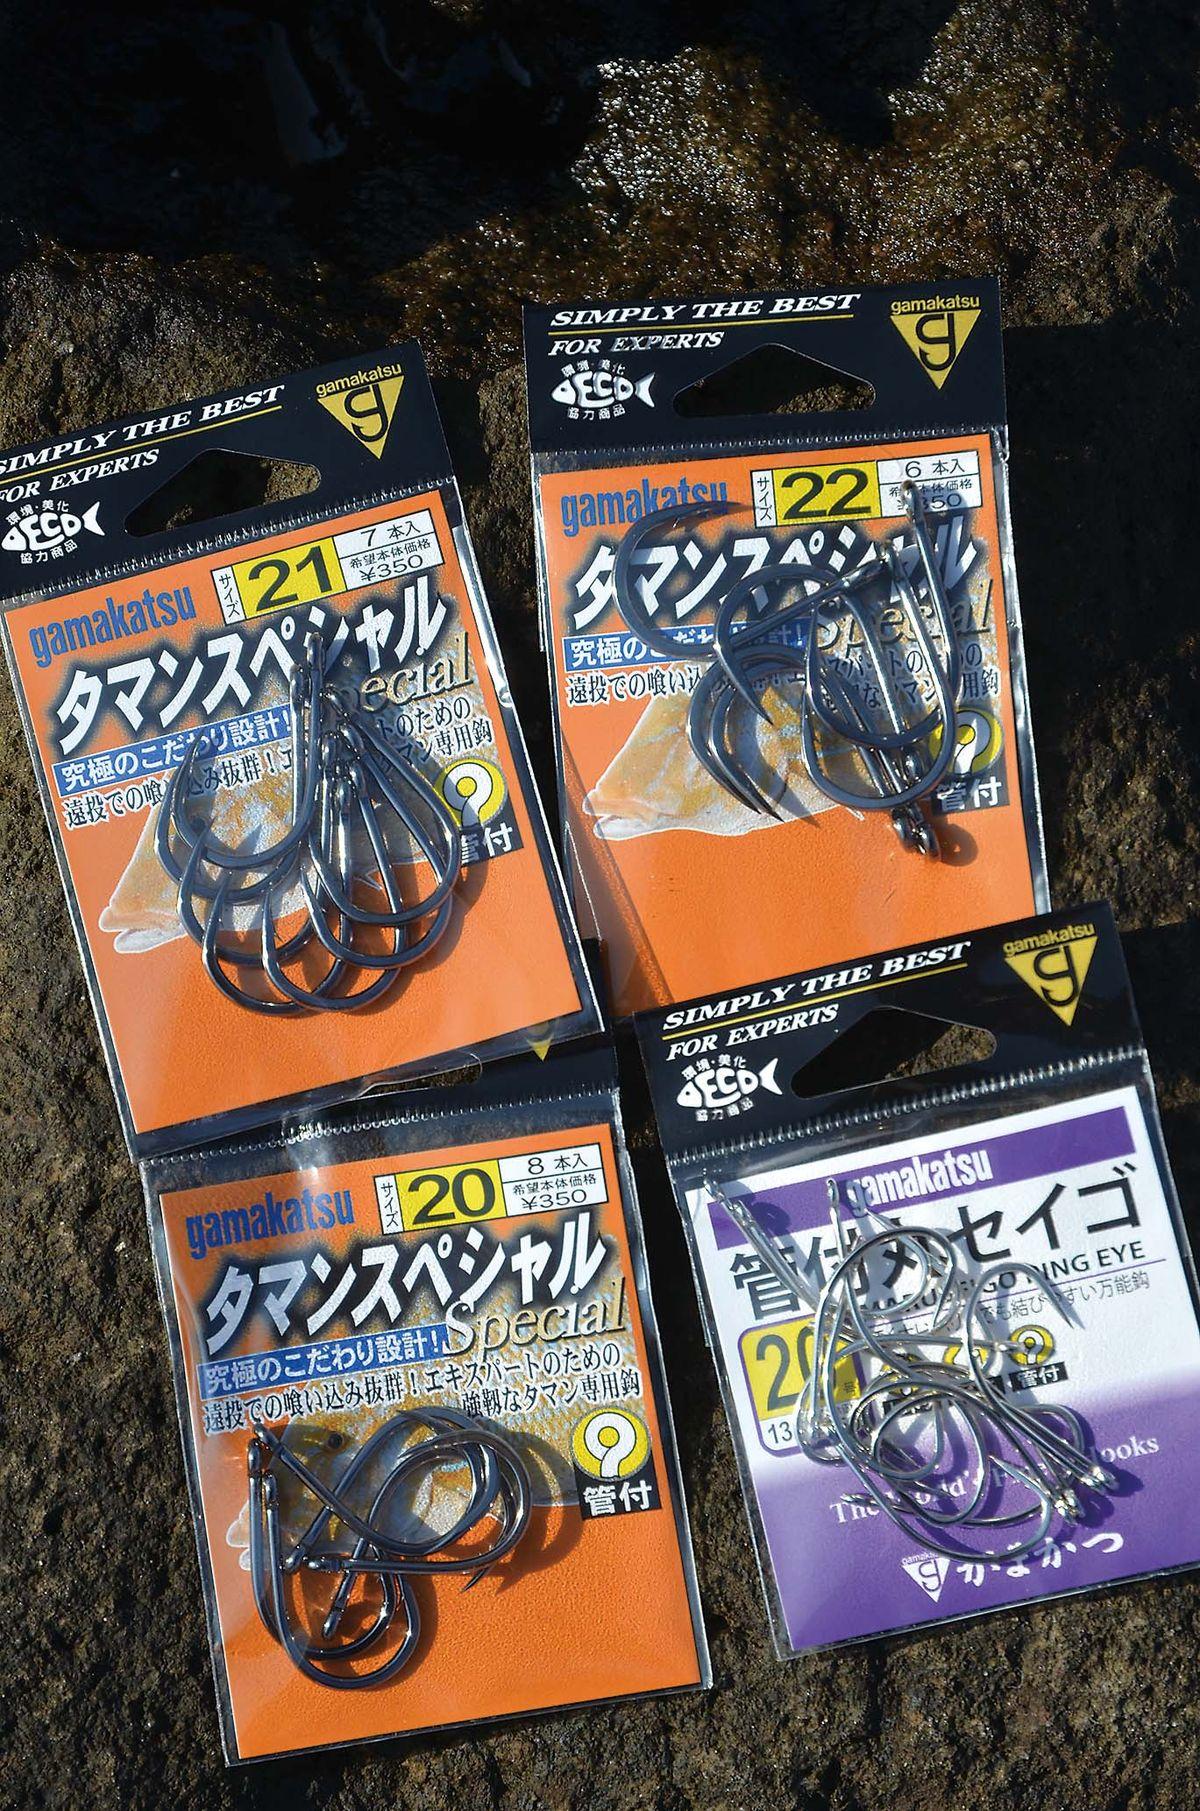 028-033shikinejima_cs6 (21)